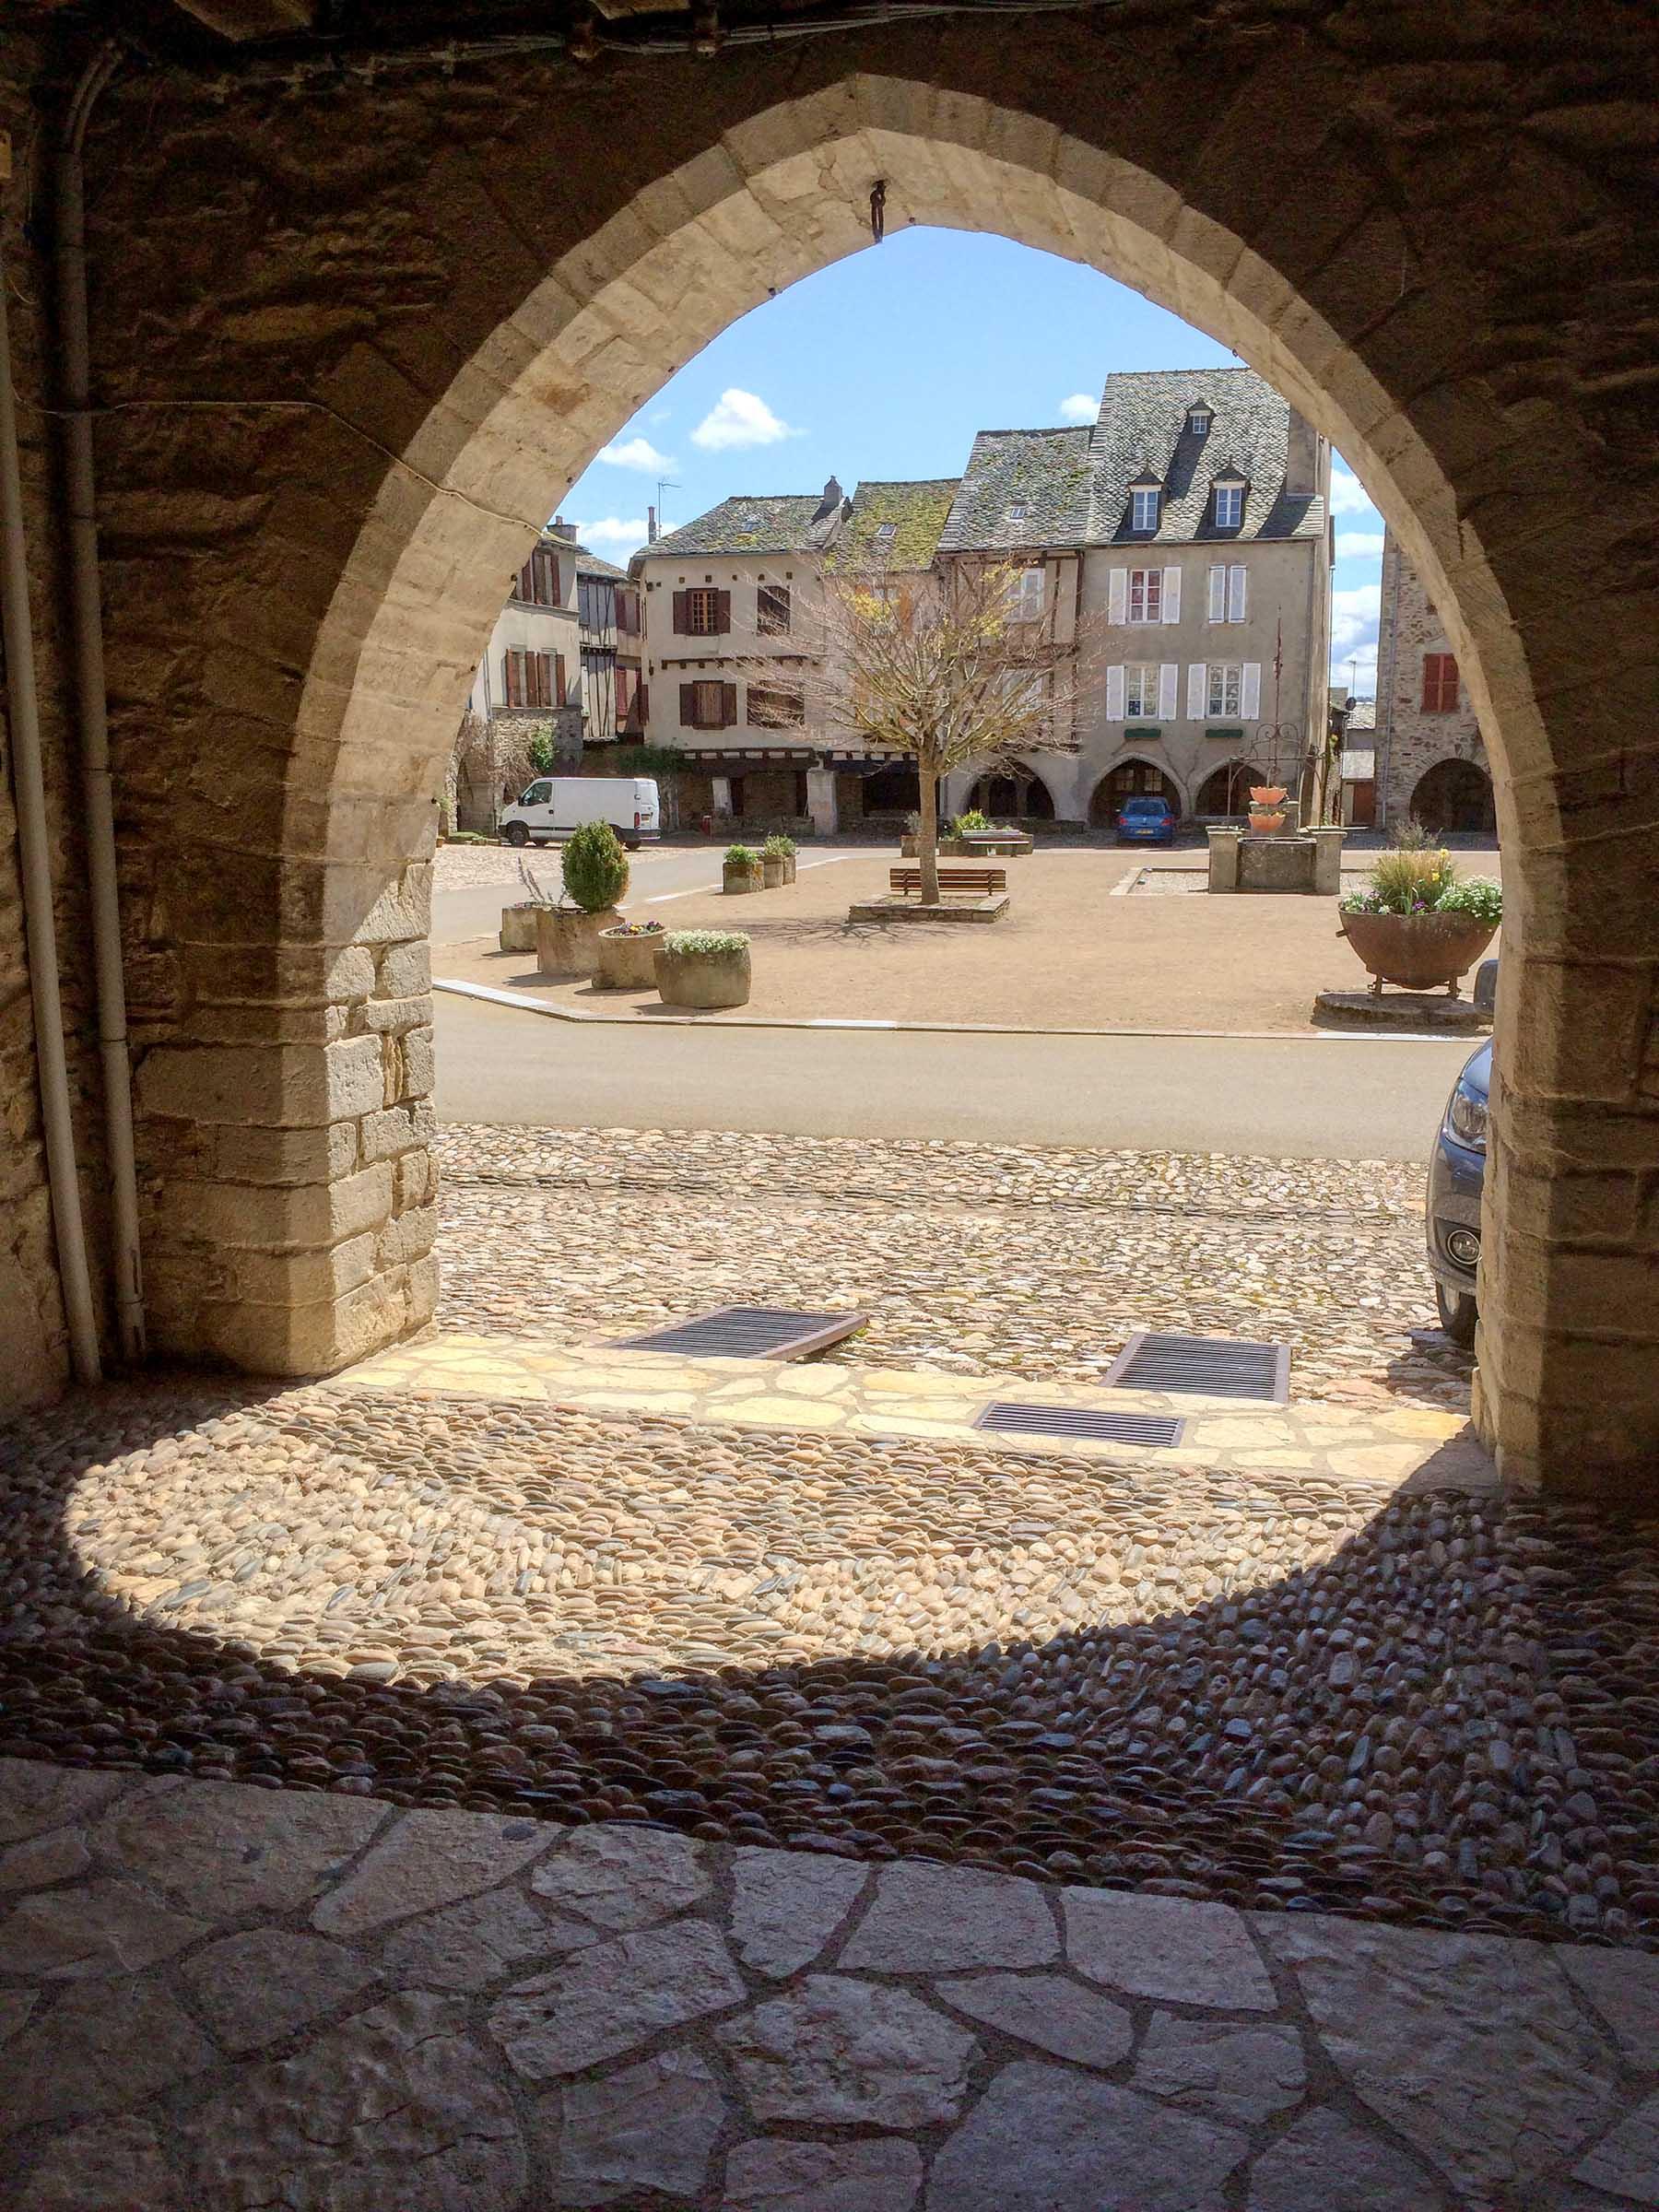 Sauveterre-de-Rouergue Archway